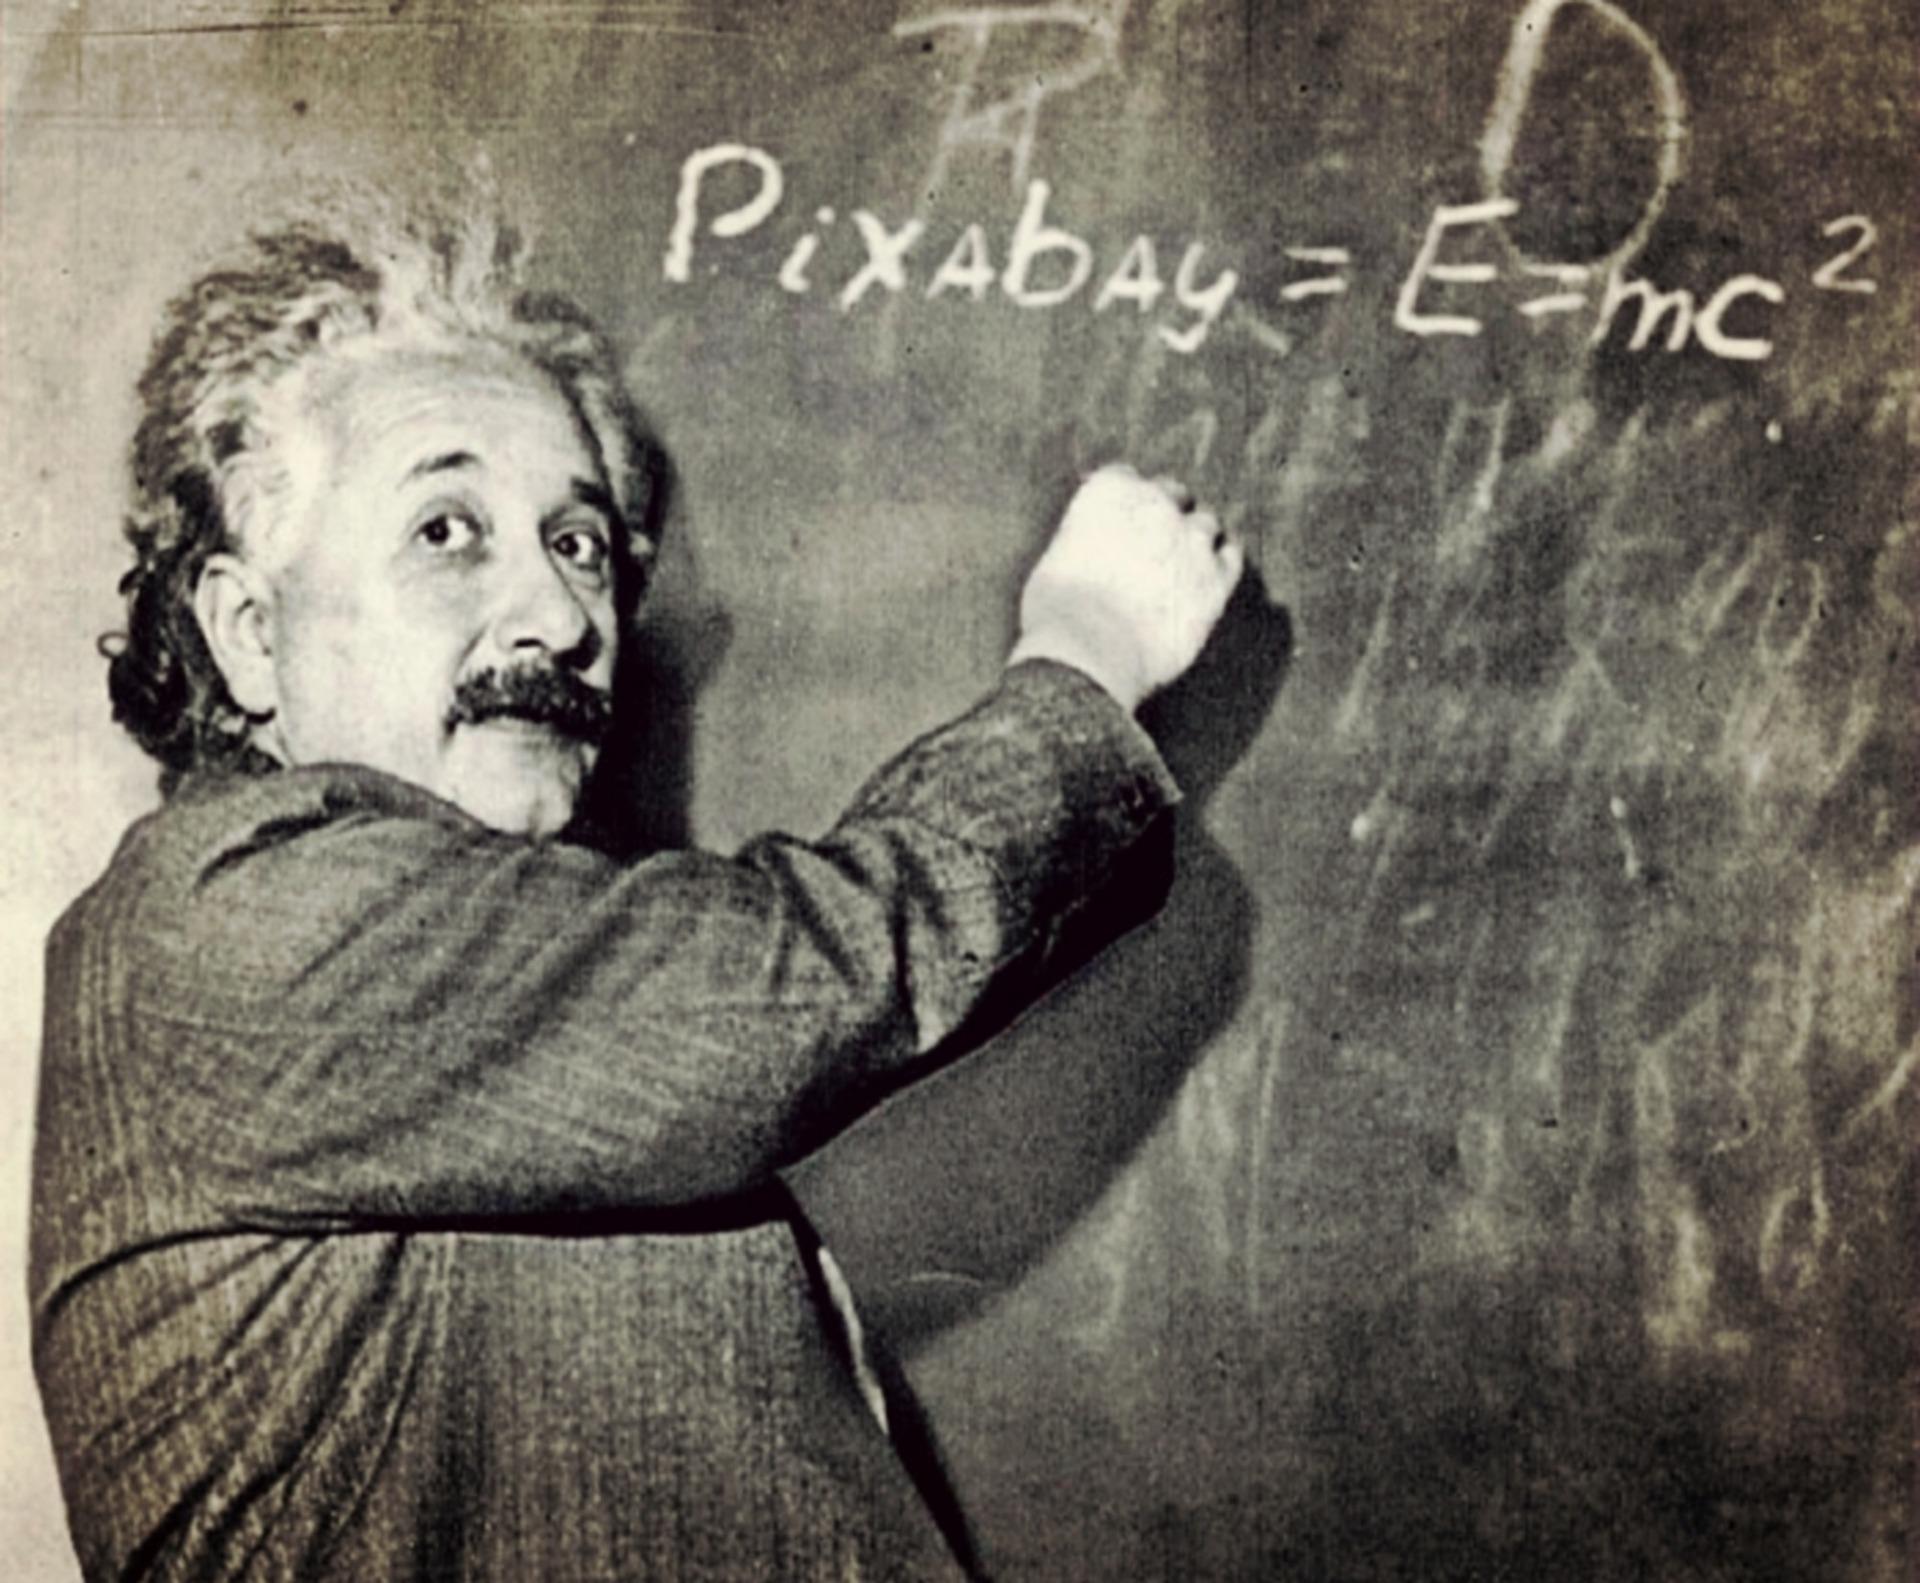 質問アインシュタイン! 天才が考える適切な質問とは何?